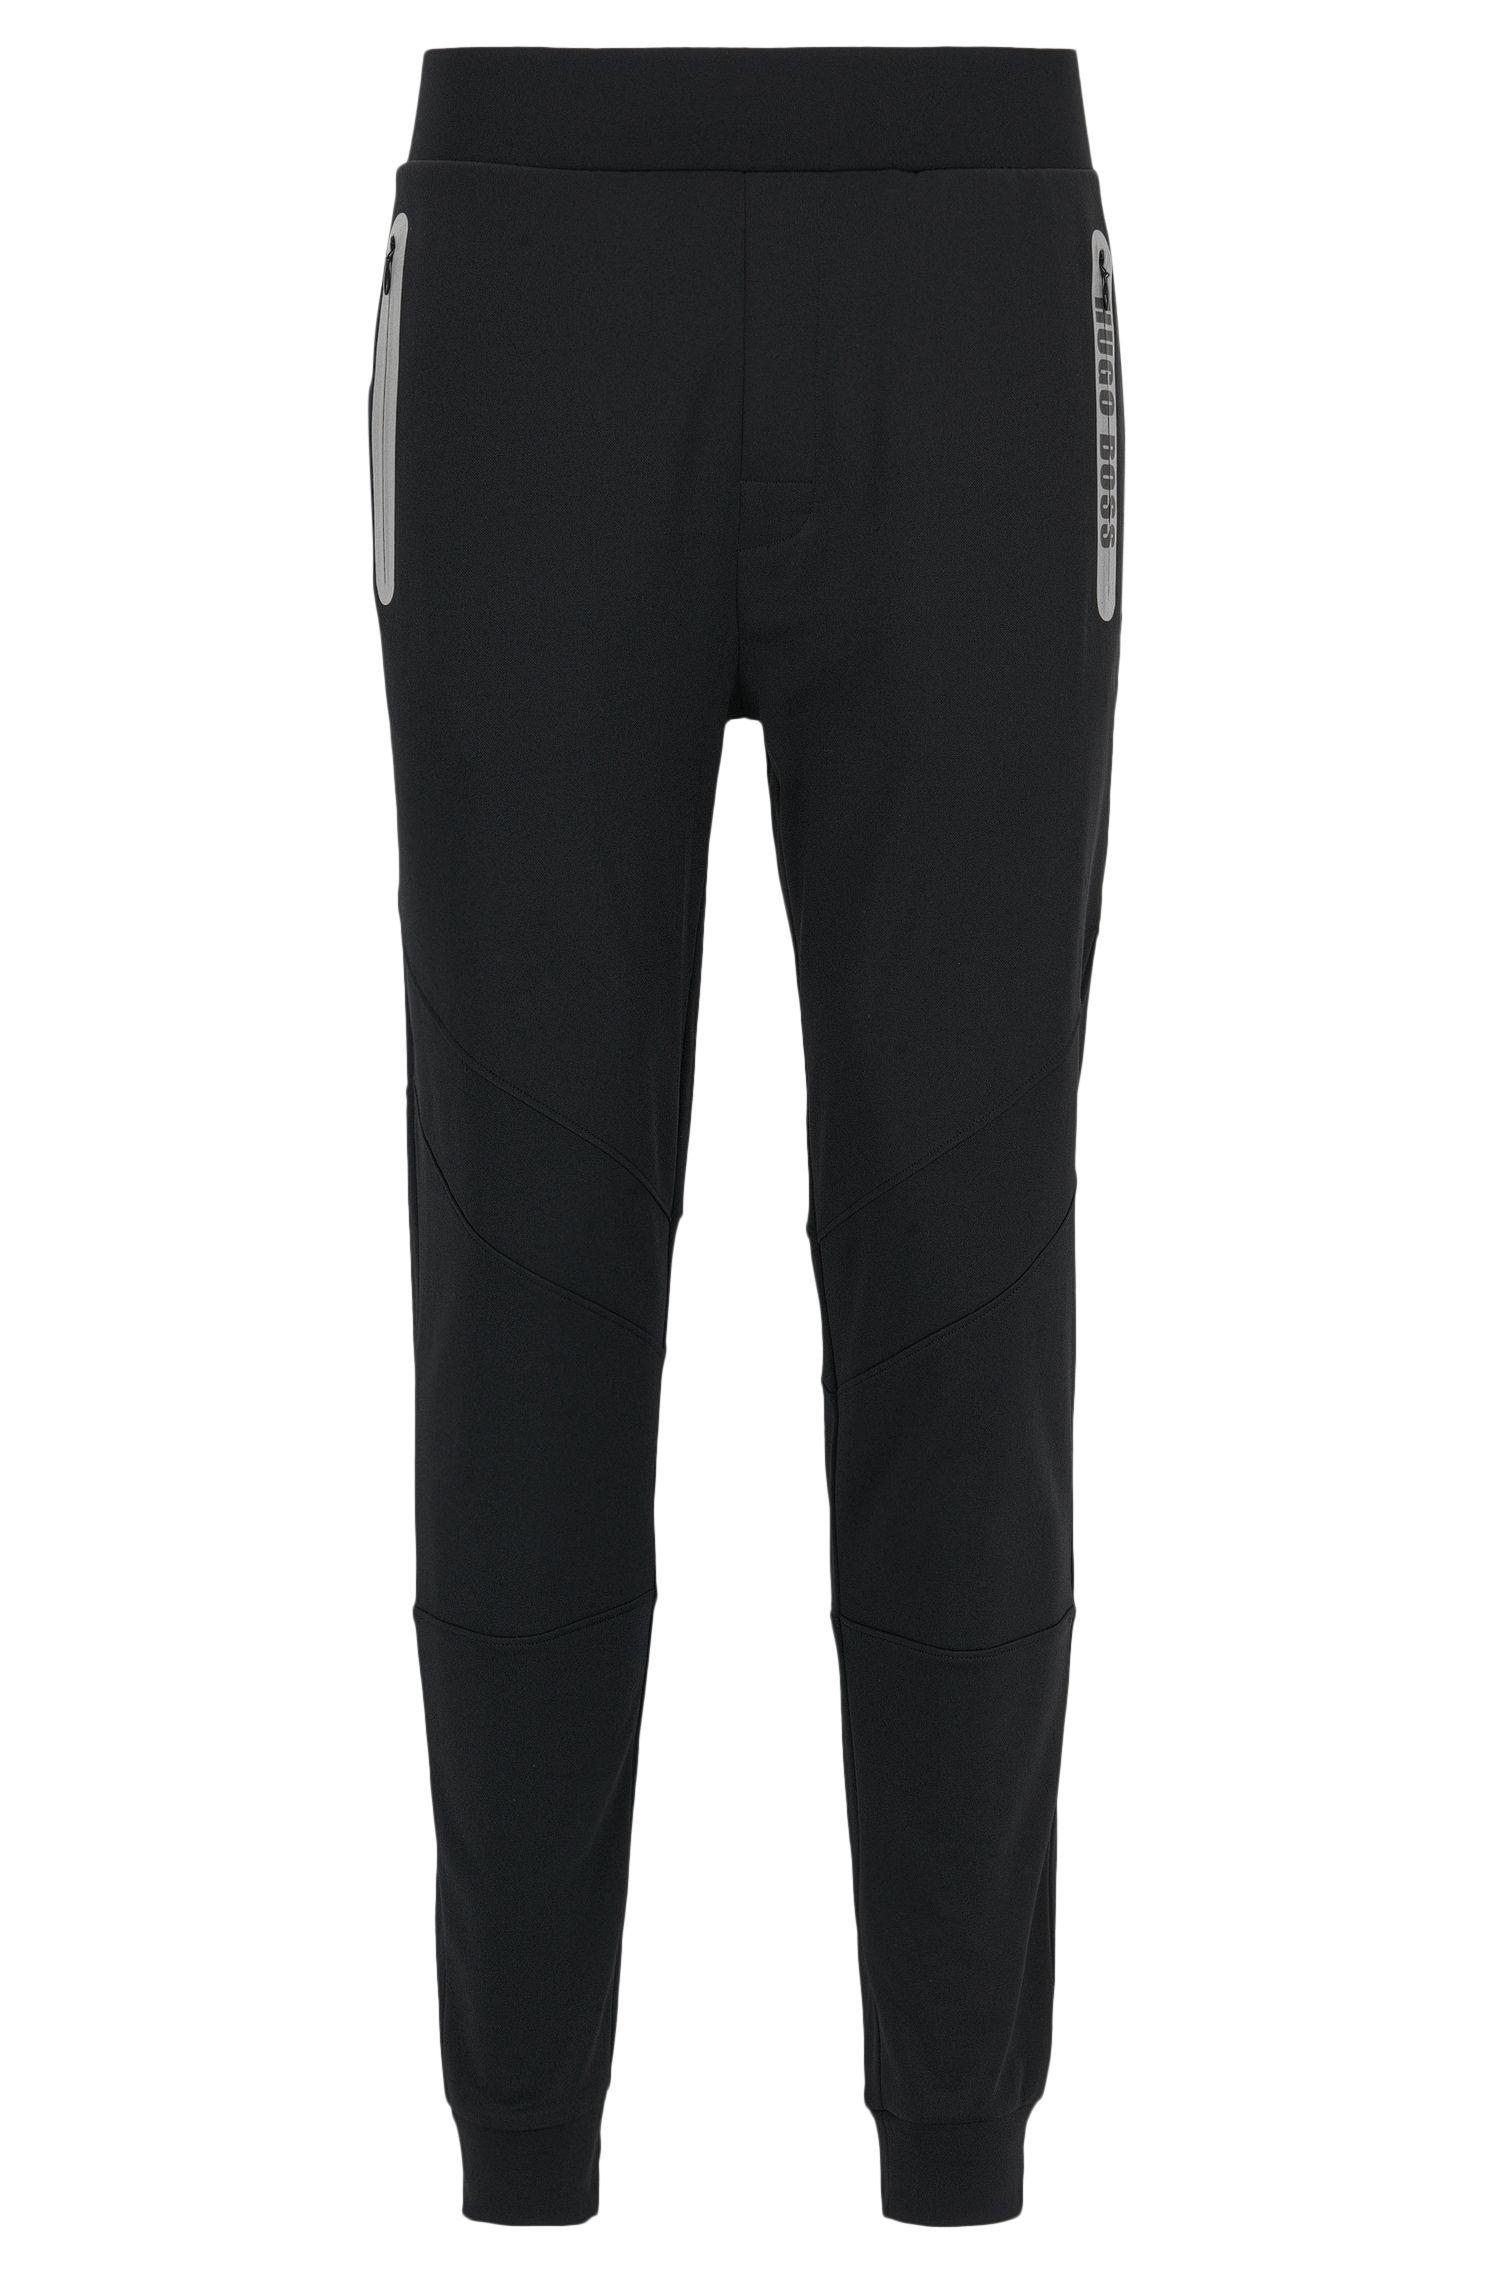 Pantalon d'intérieur retroussé au bas des jambes avec détails sportifs, en coton stretch mélangé